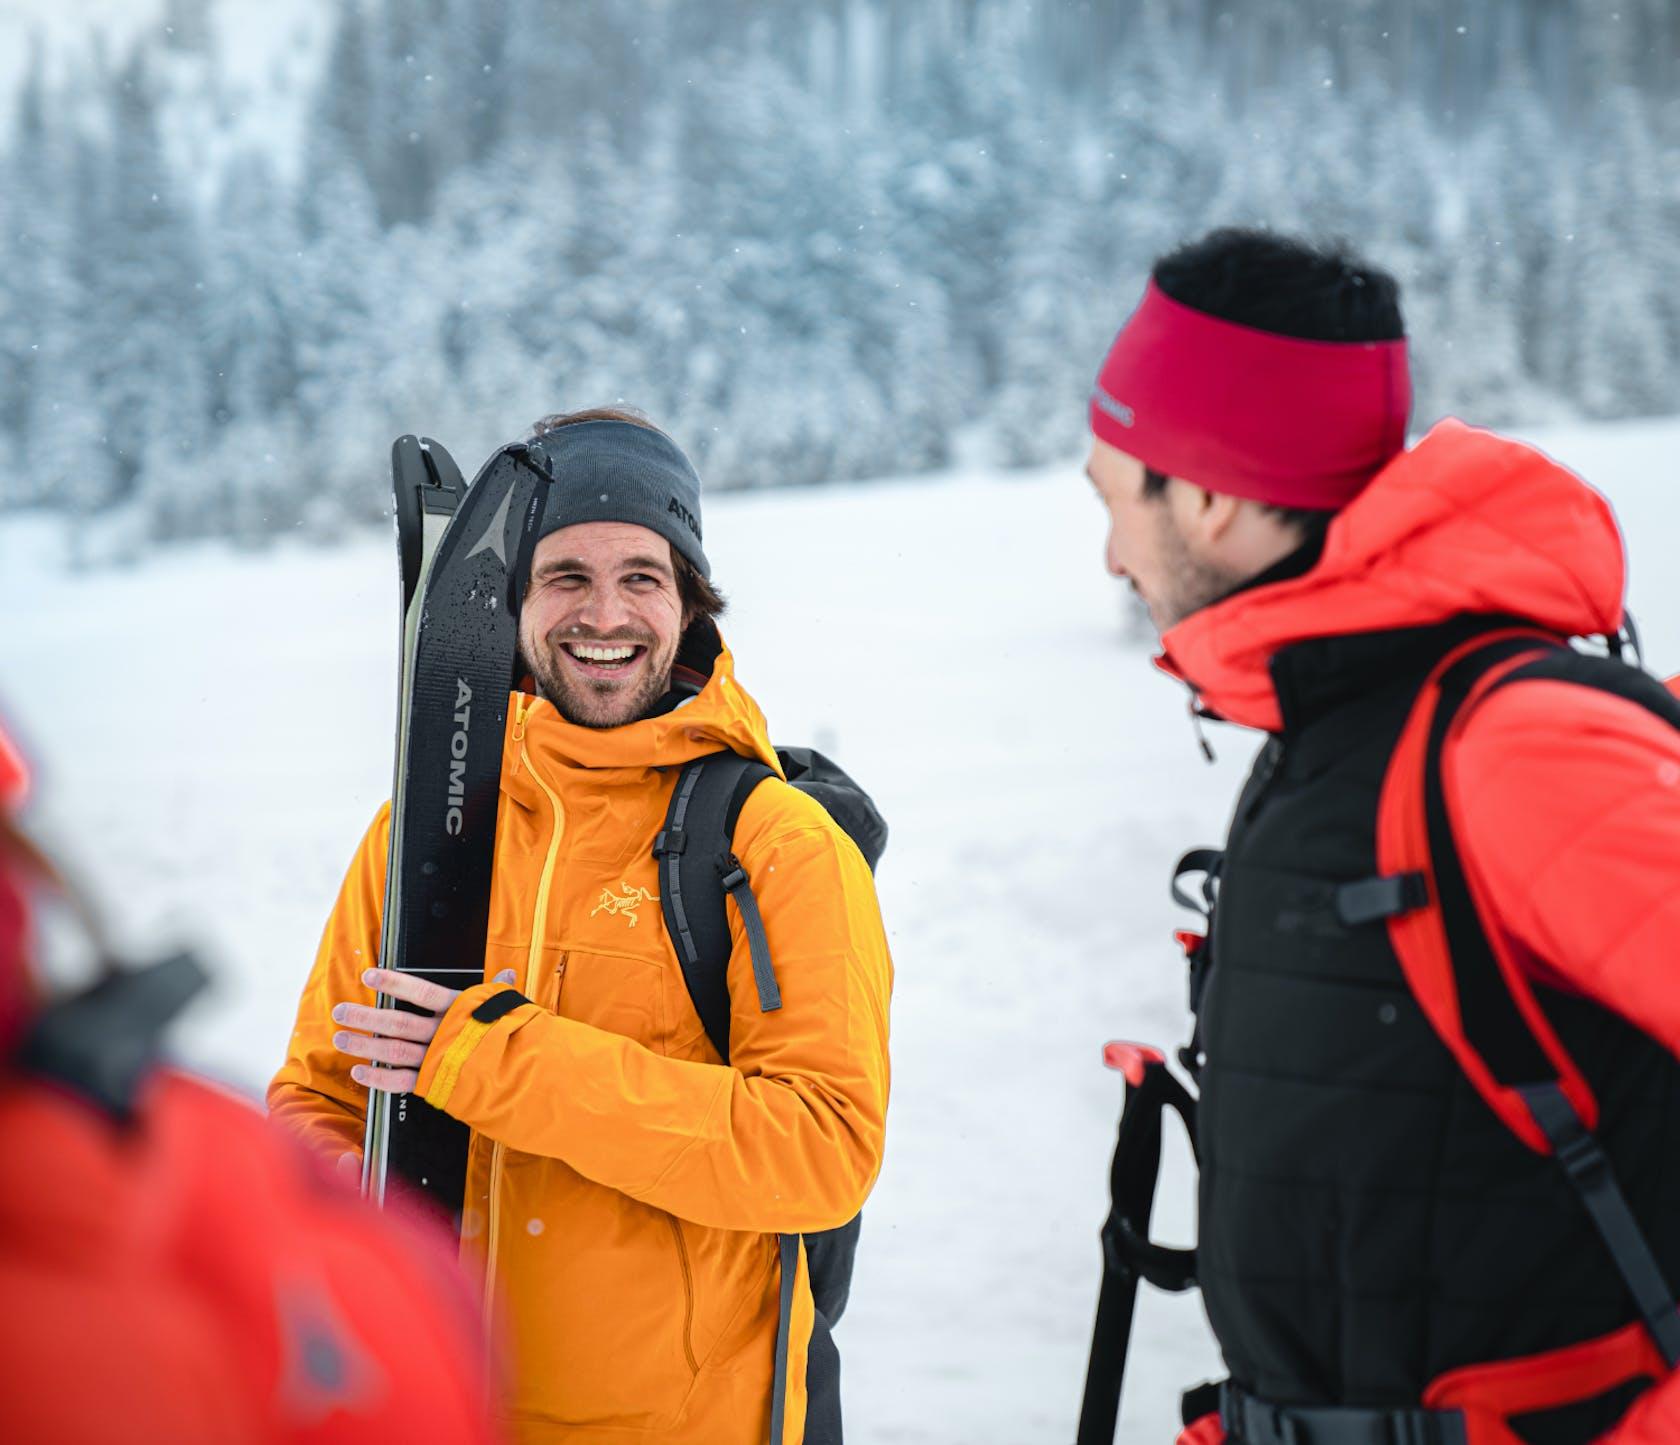 Bekleidung Skitouren Herren